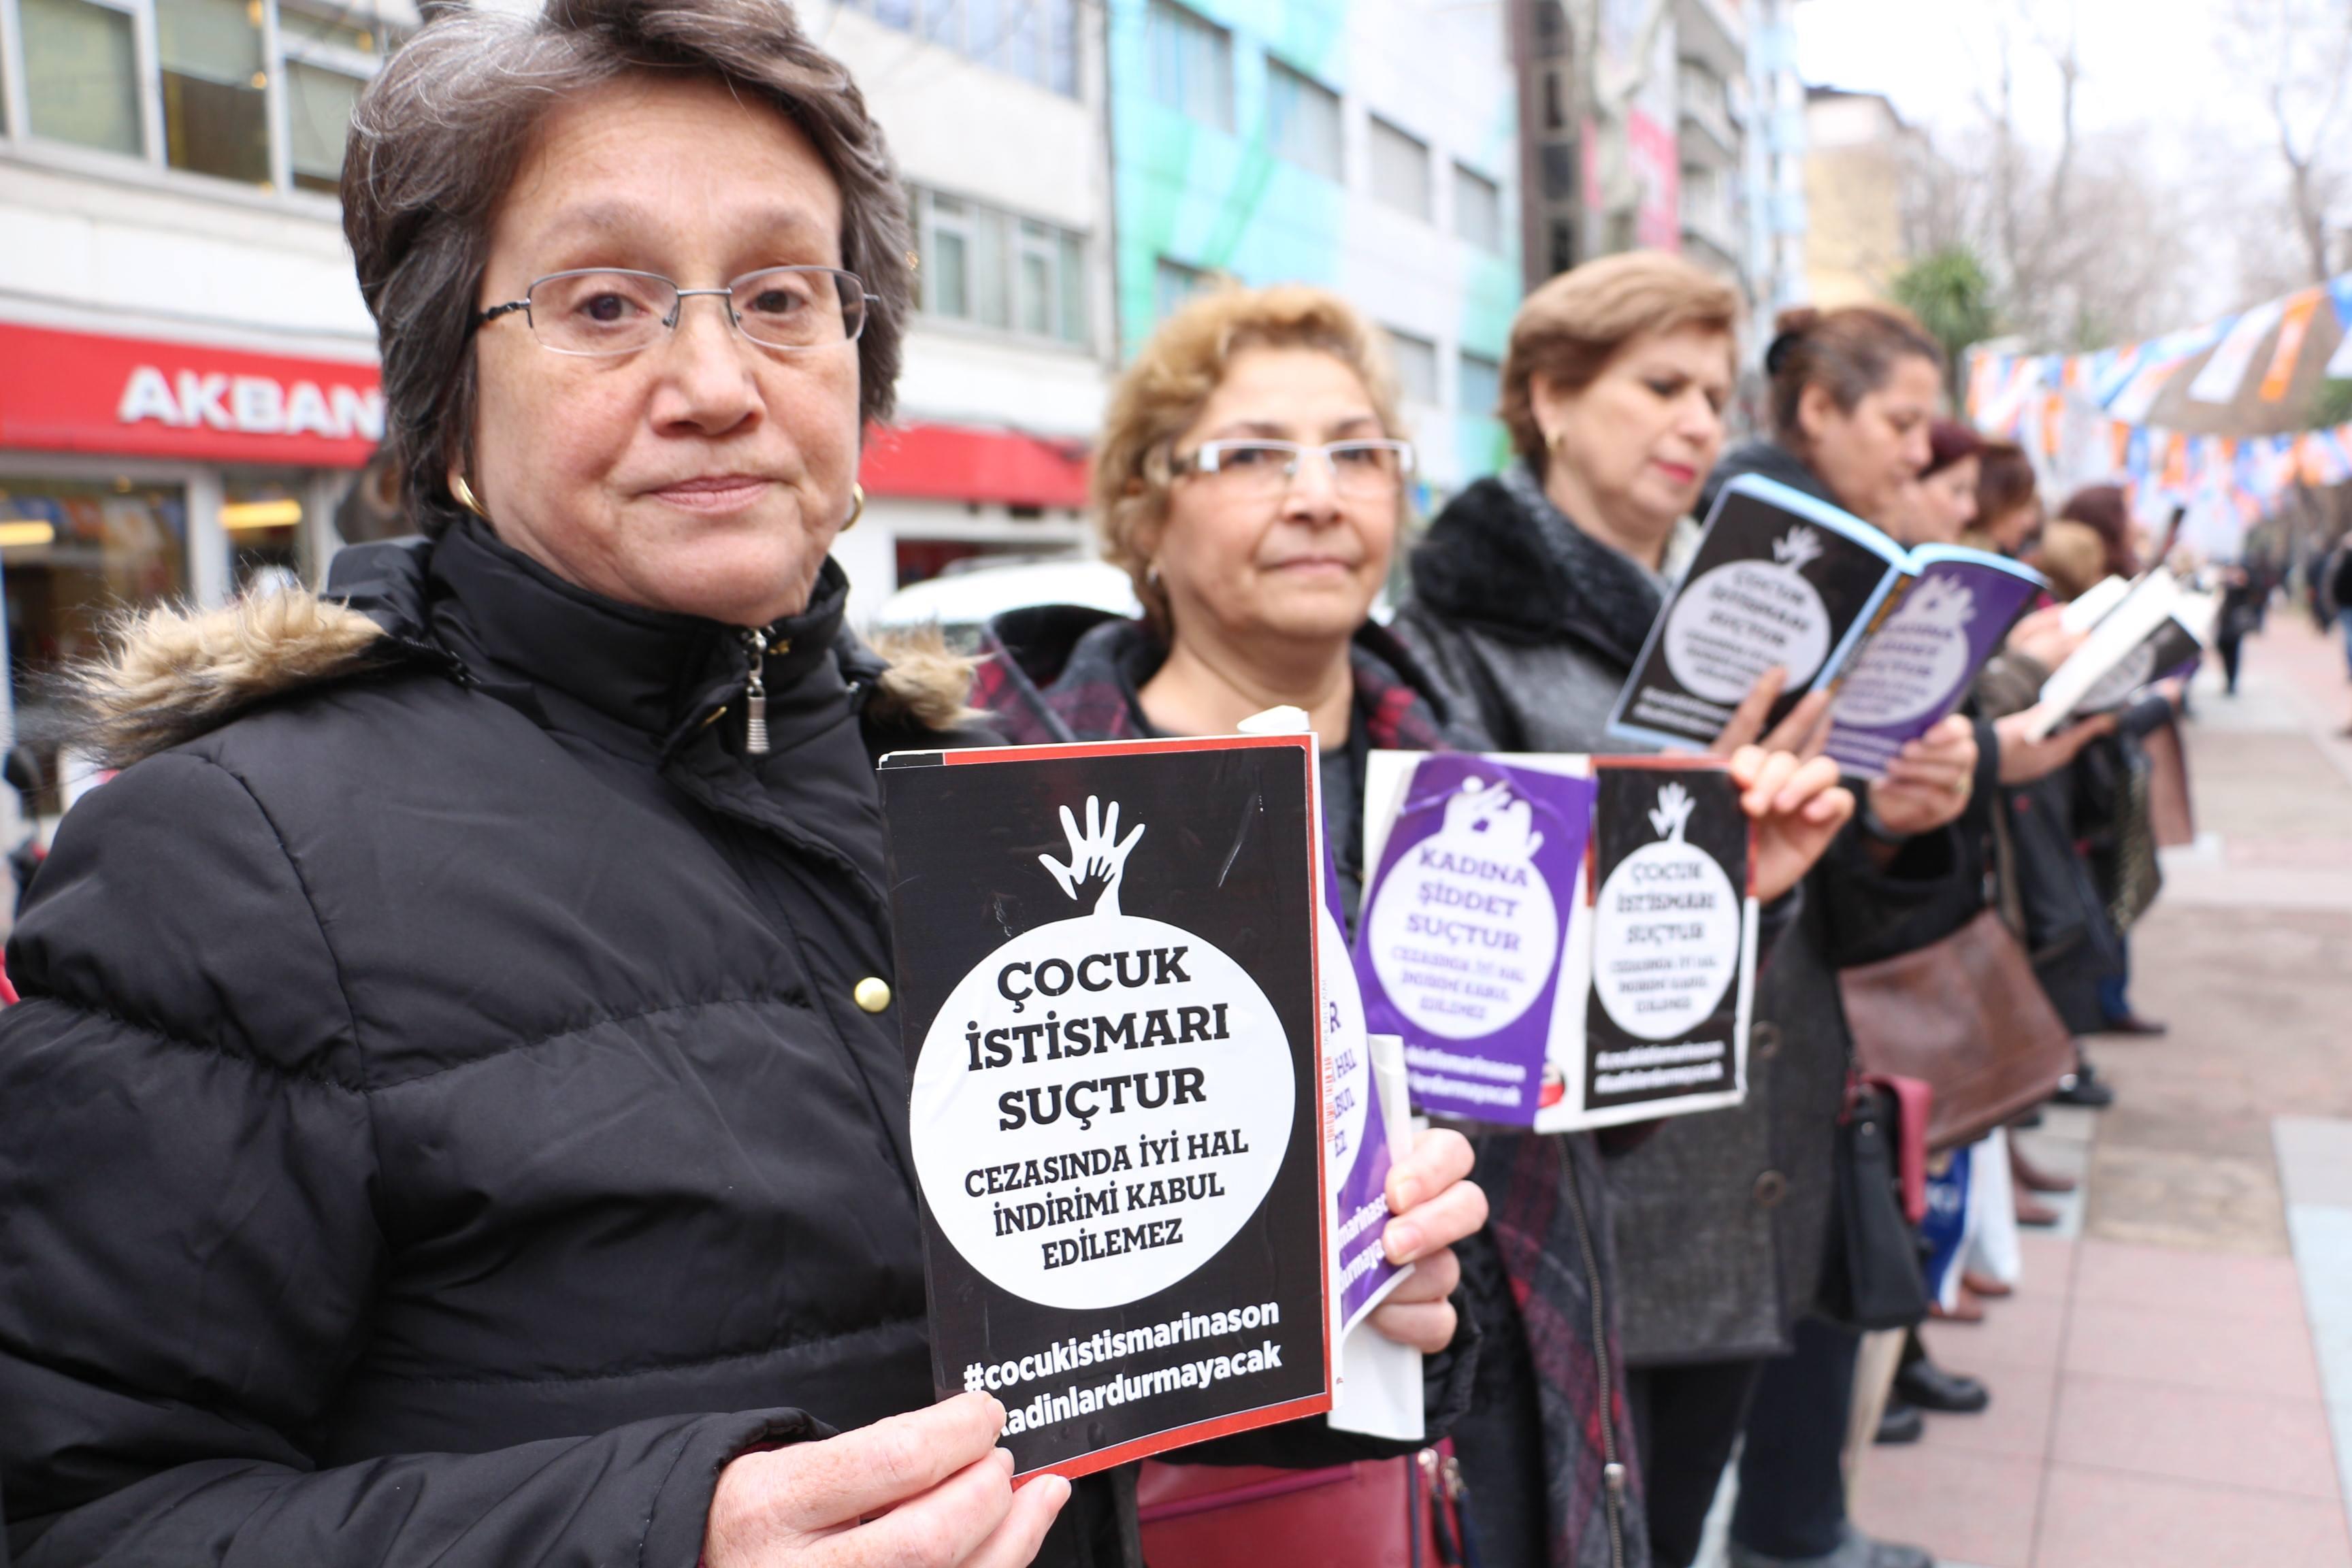 CHP'den cinsel istismara karşı sessiz eylem